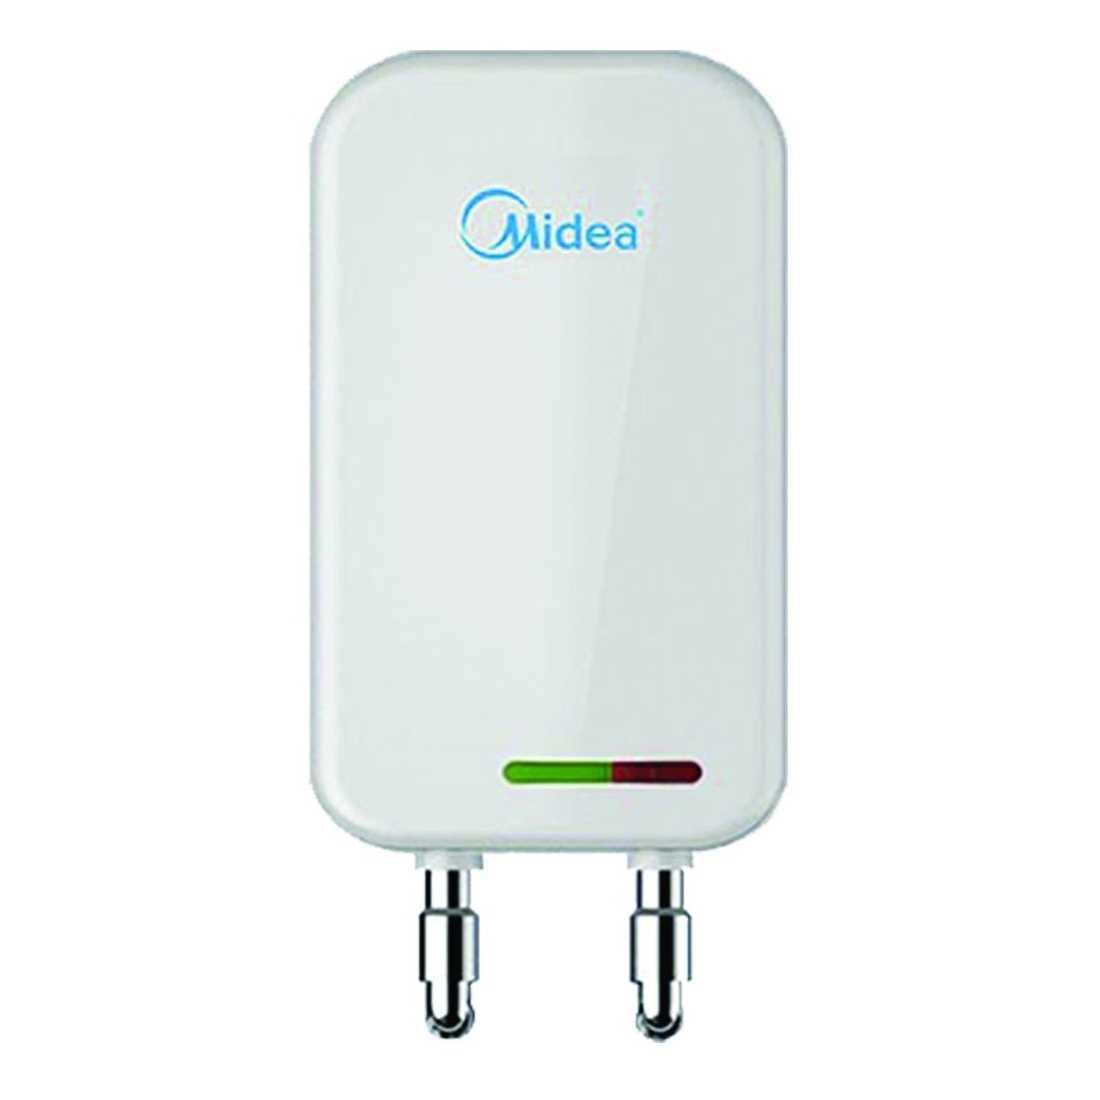 Midea MWHIA0030TN 3 Litre Instant Water Heater